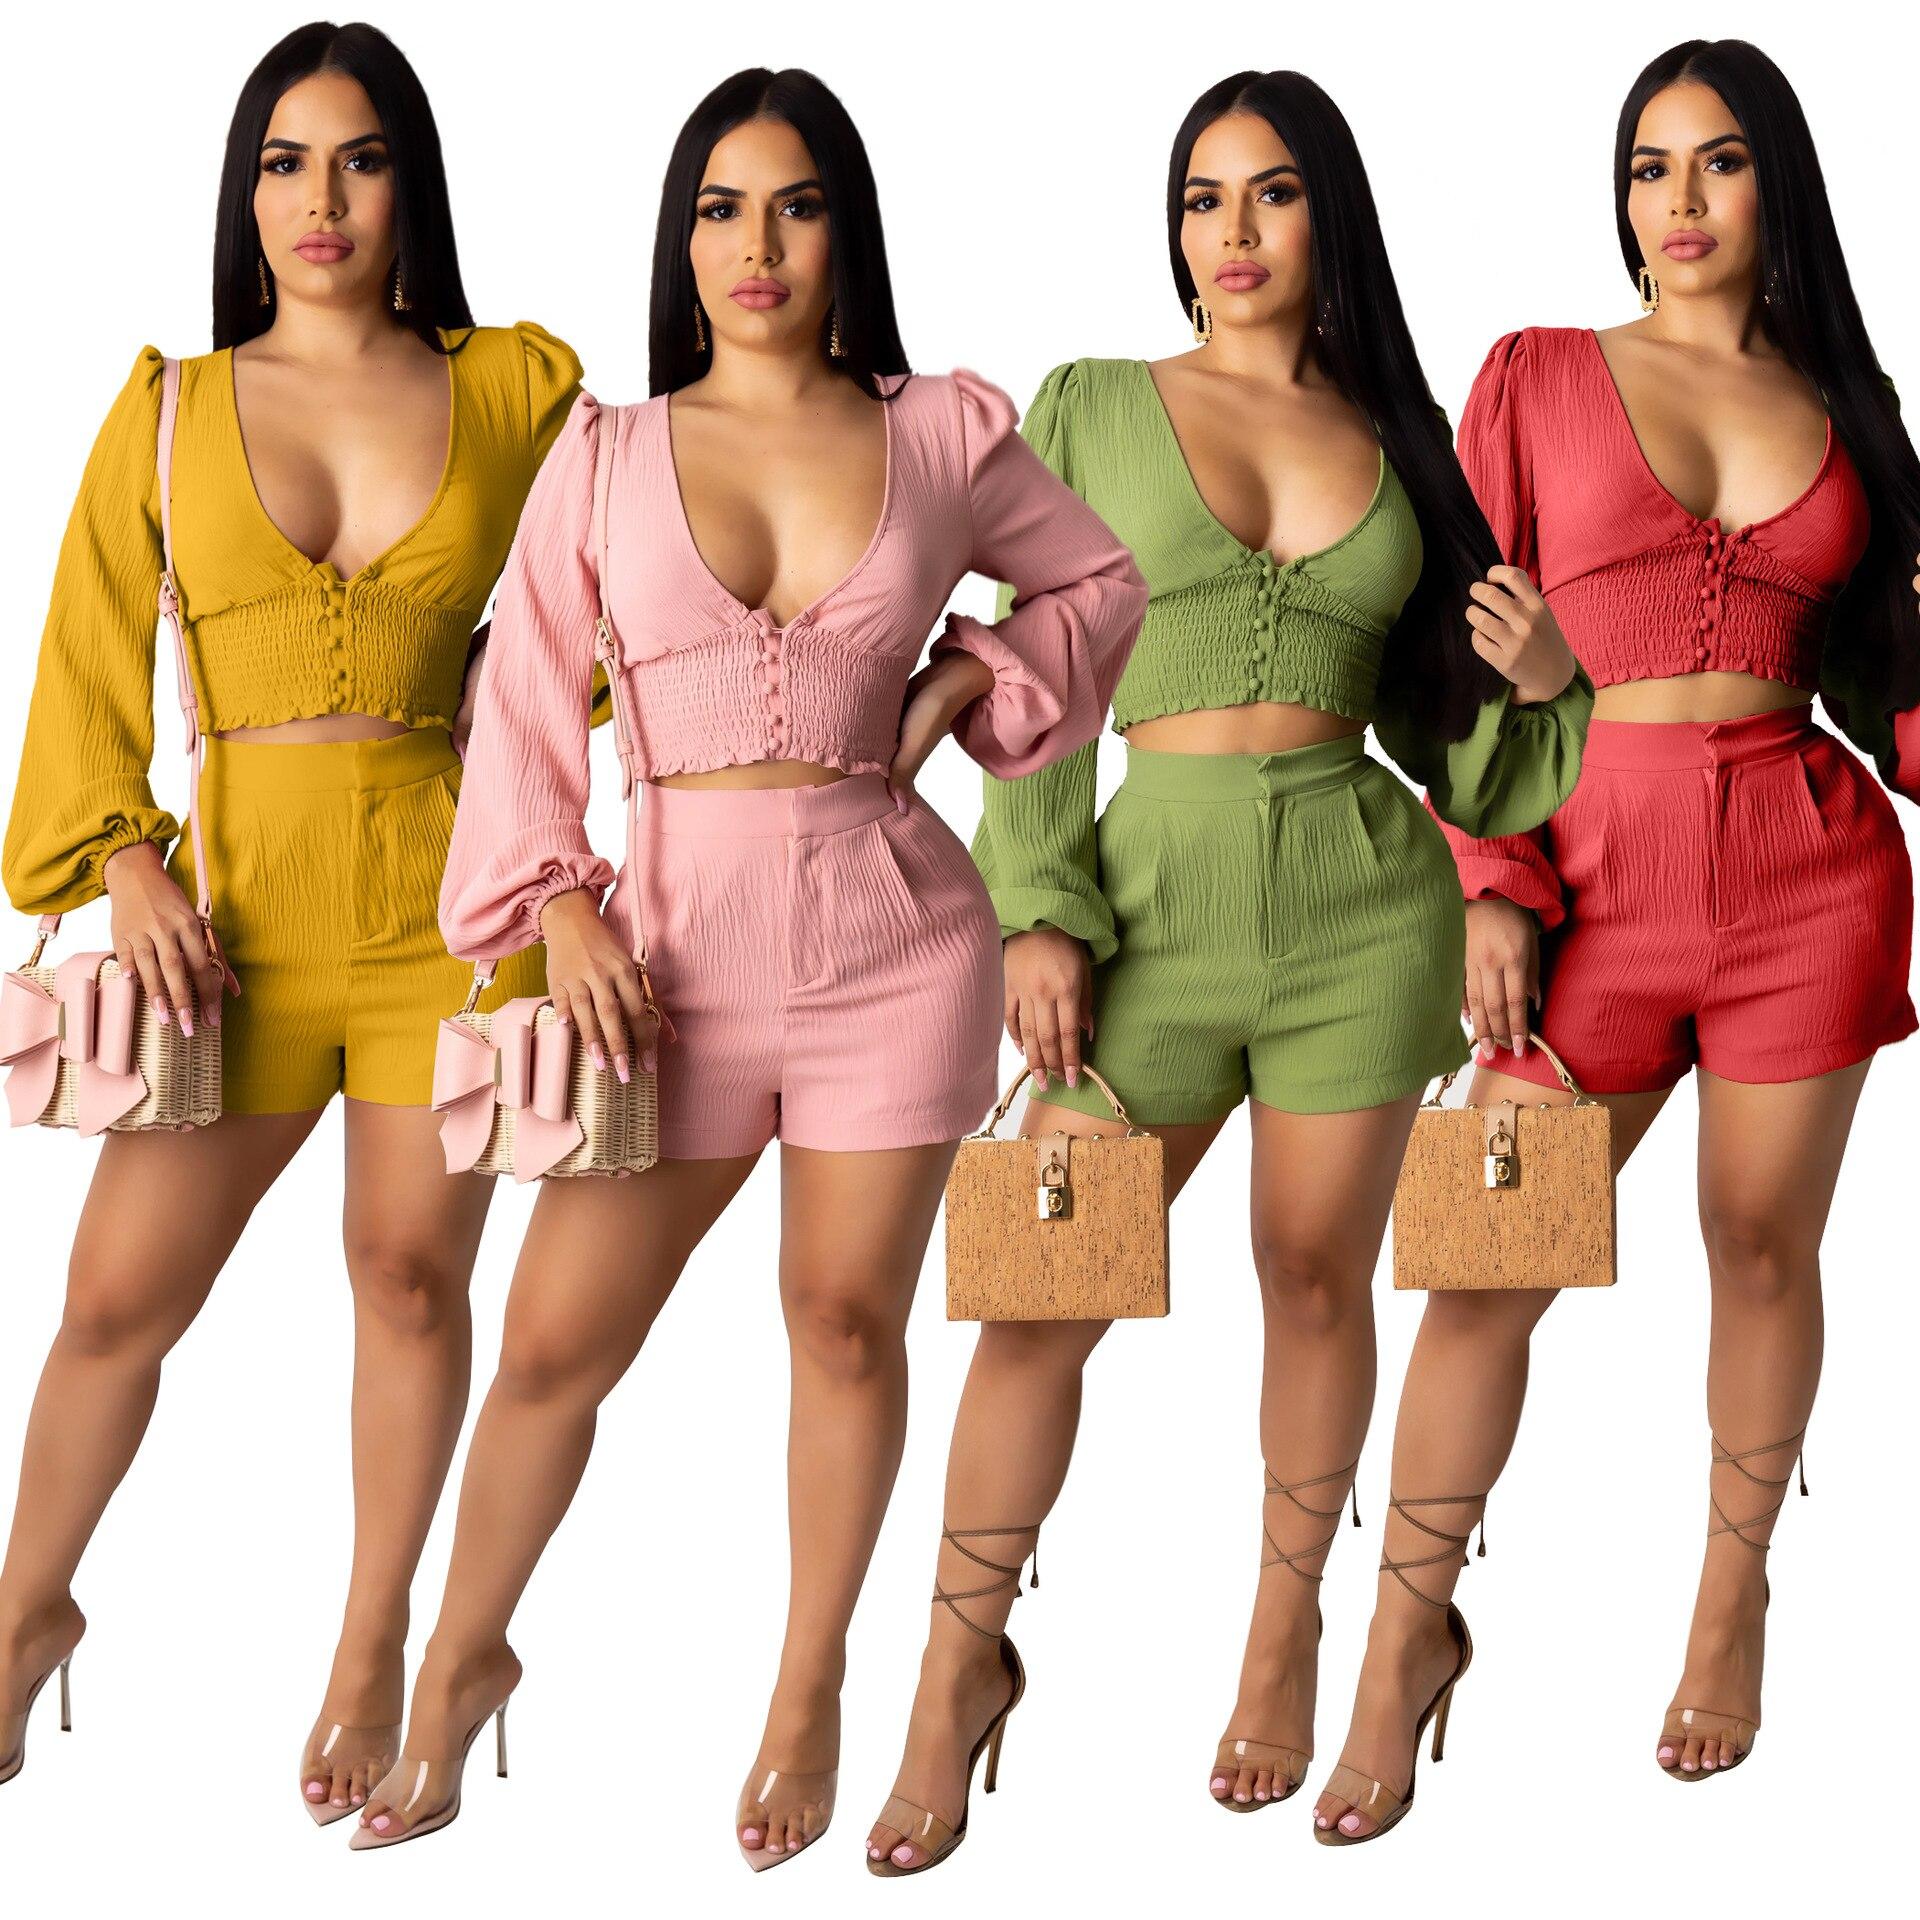 AJ4098 женская повседневная одежда из двух частей, модная универсальная Хлопковая женская одежда с глубоким вырезом, брюки с пышными рукавами ...